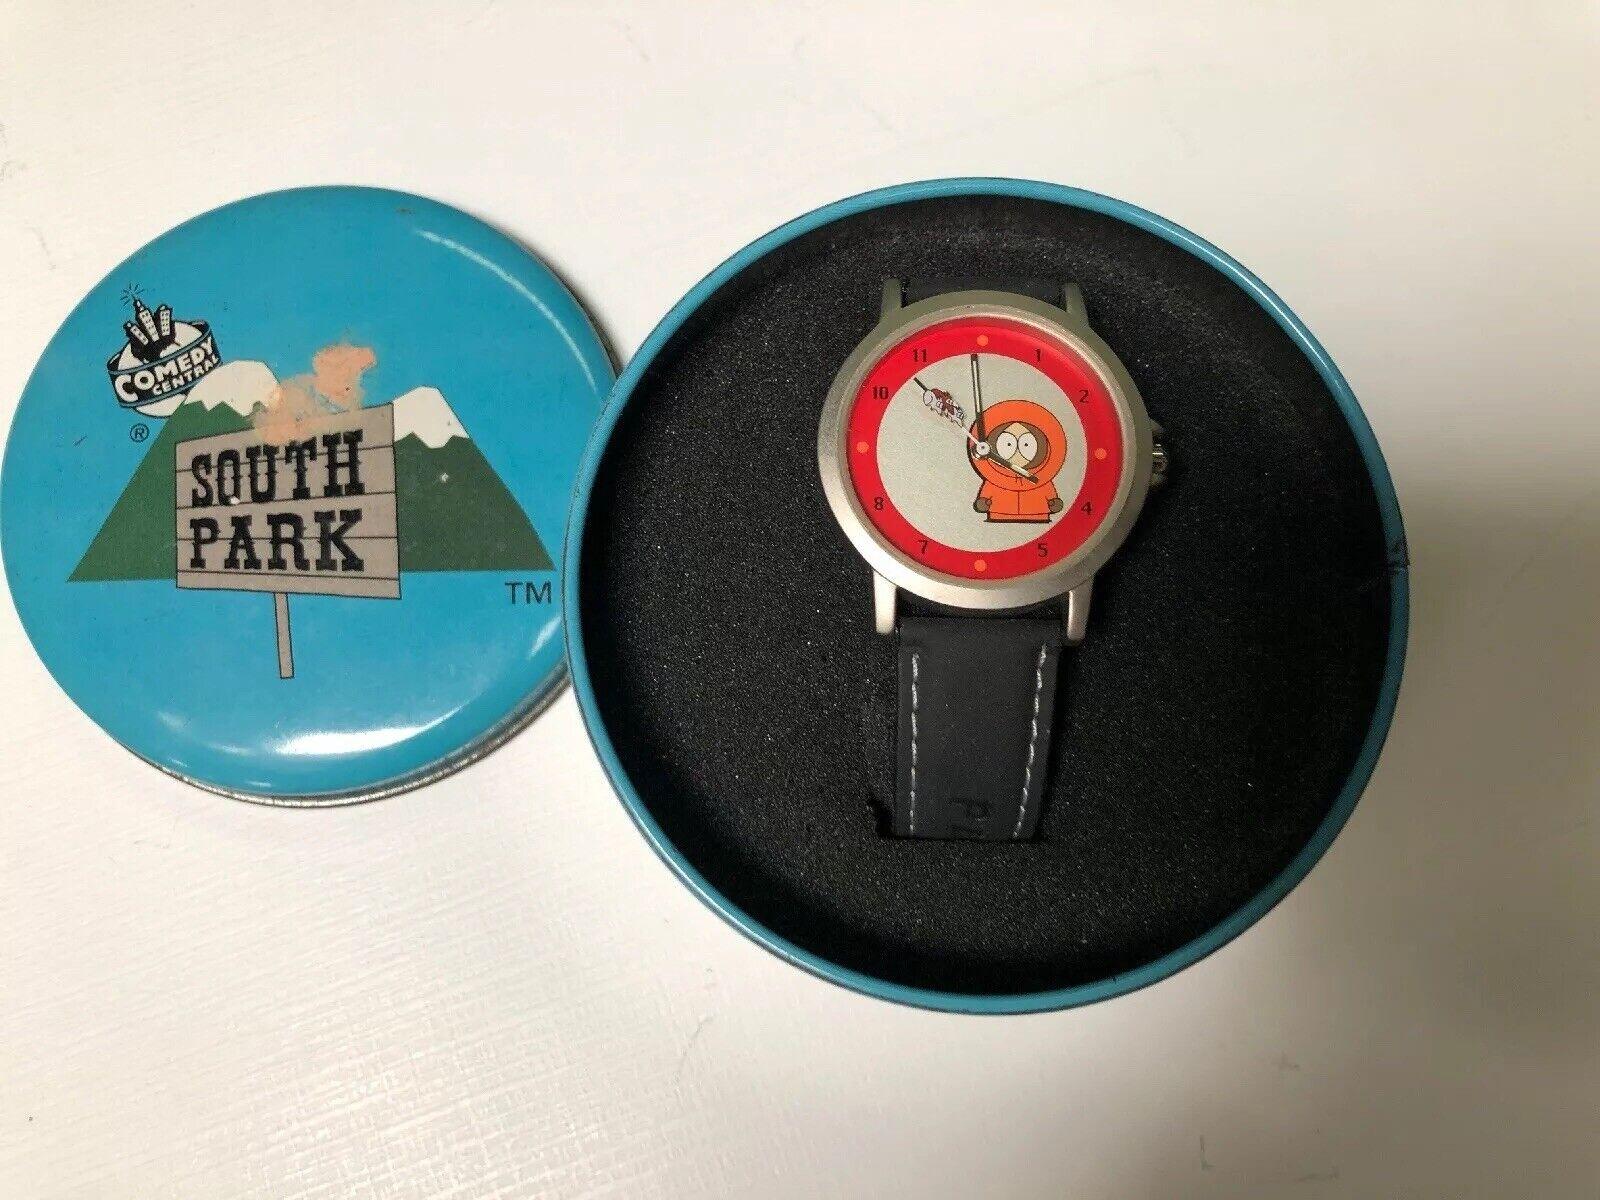 1998 Reloj Coleccionable Kenny South Park